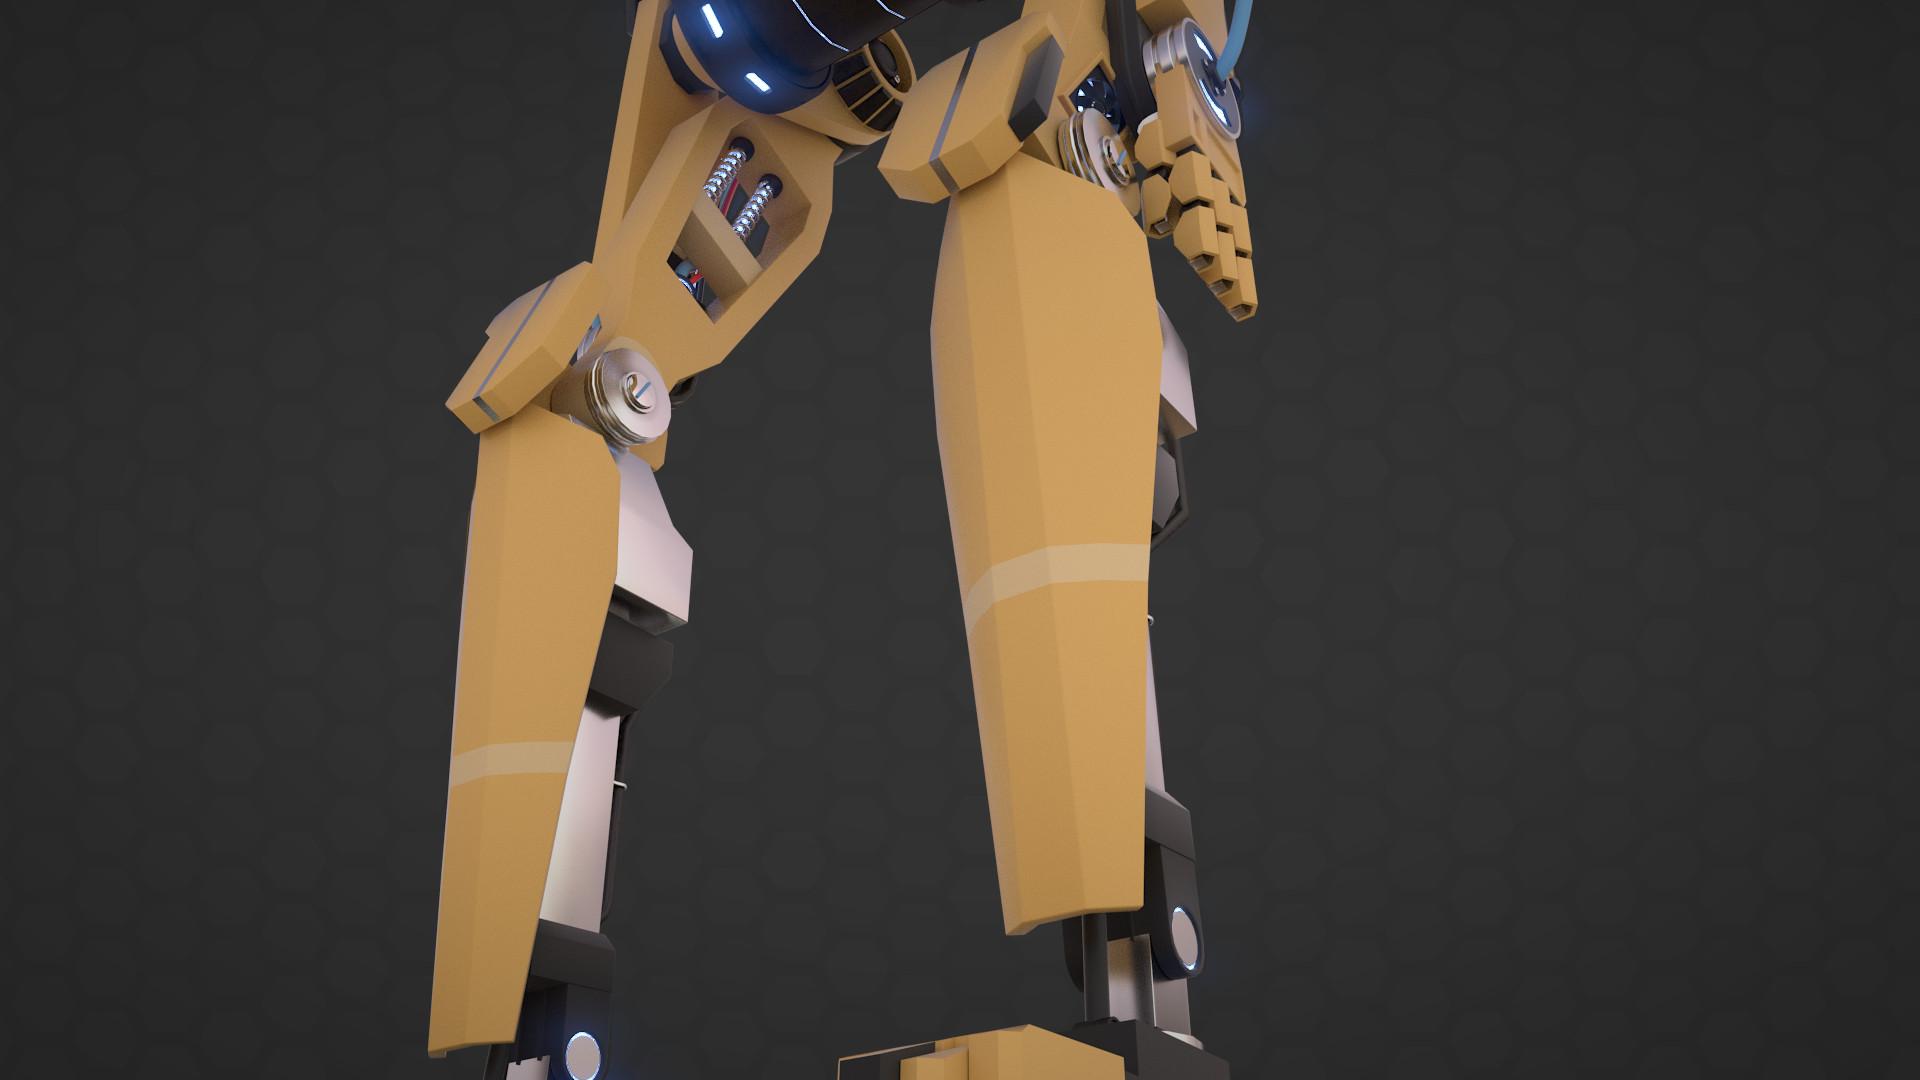 Ants aare alamaa ants aare alamaa robot render 04